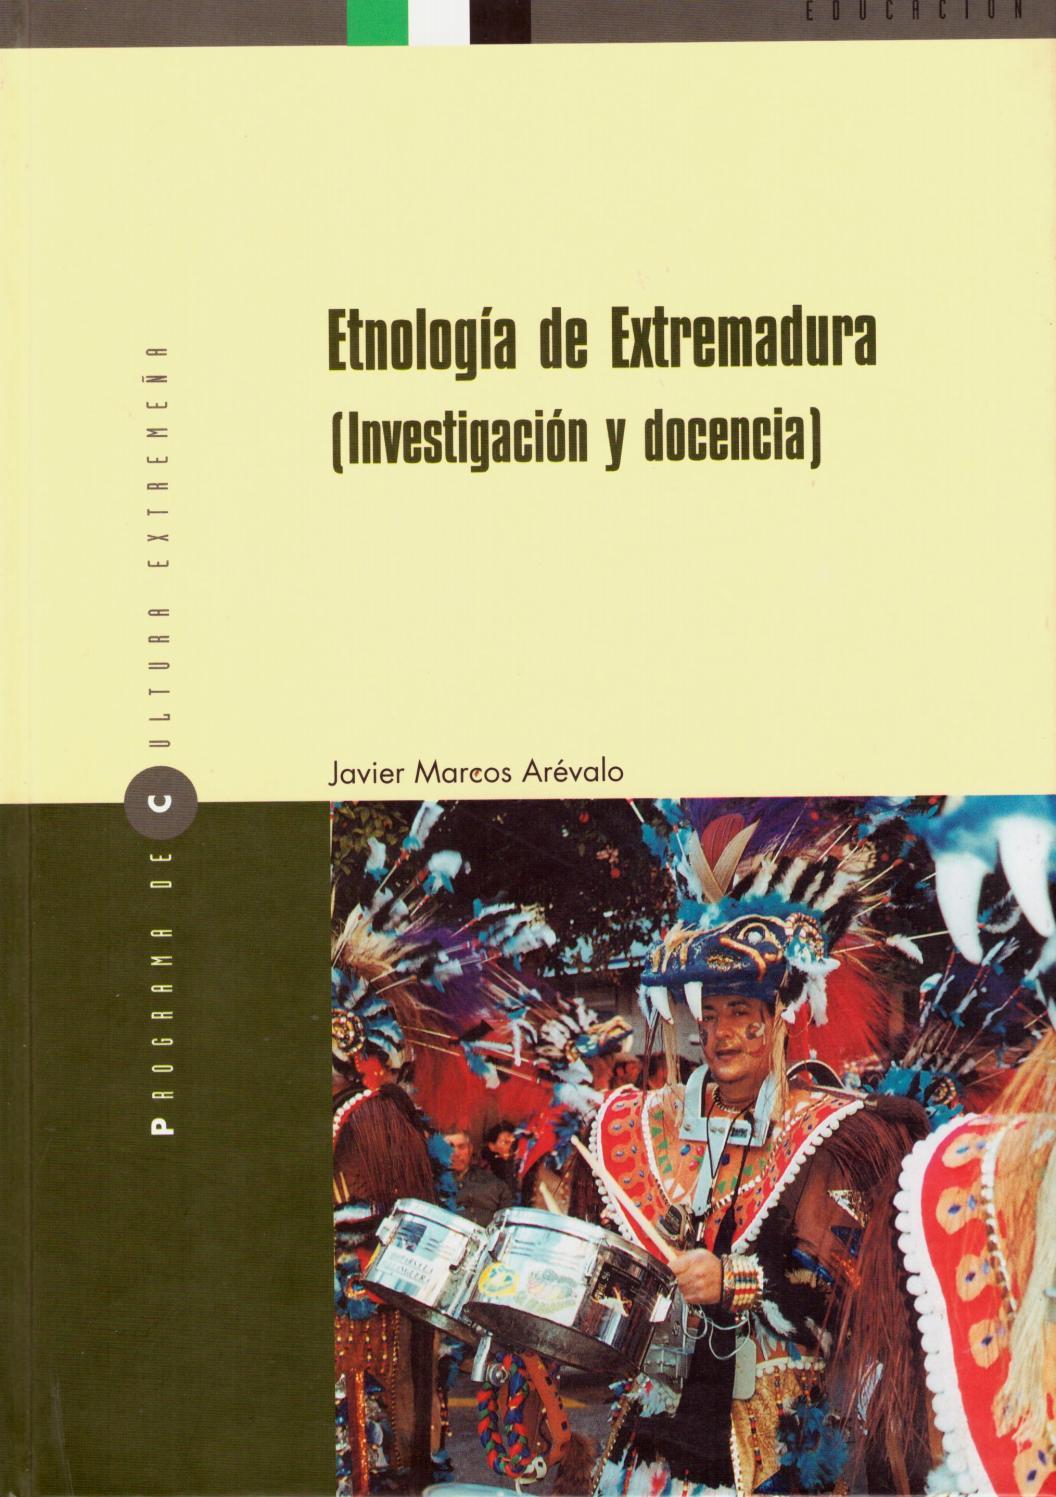 Etnología de Extremadura por Javier Marcos Arévalo by Biblioteca ...